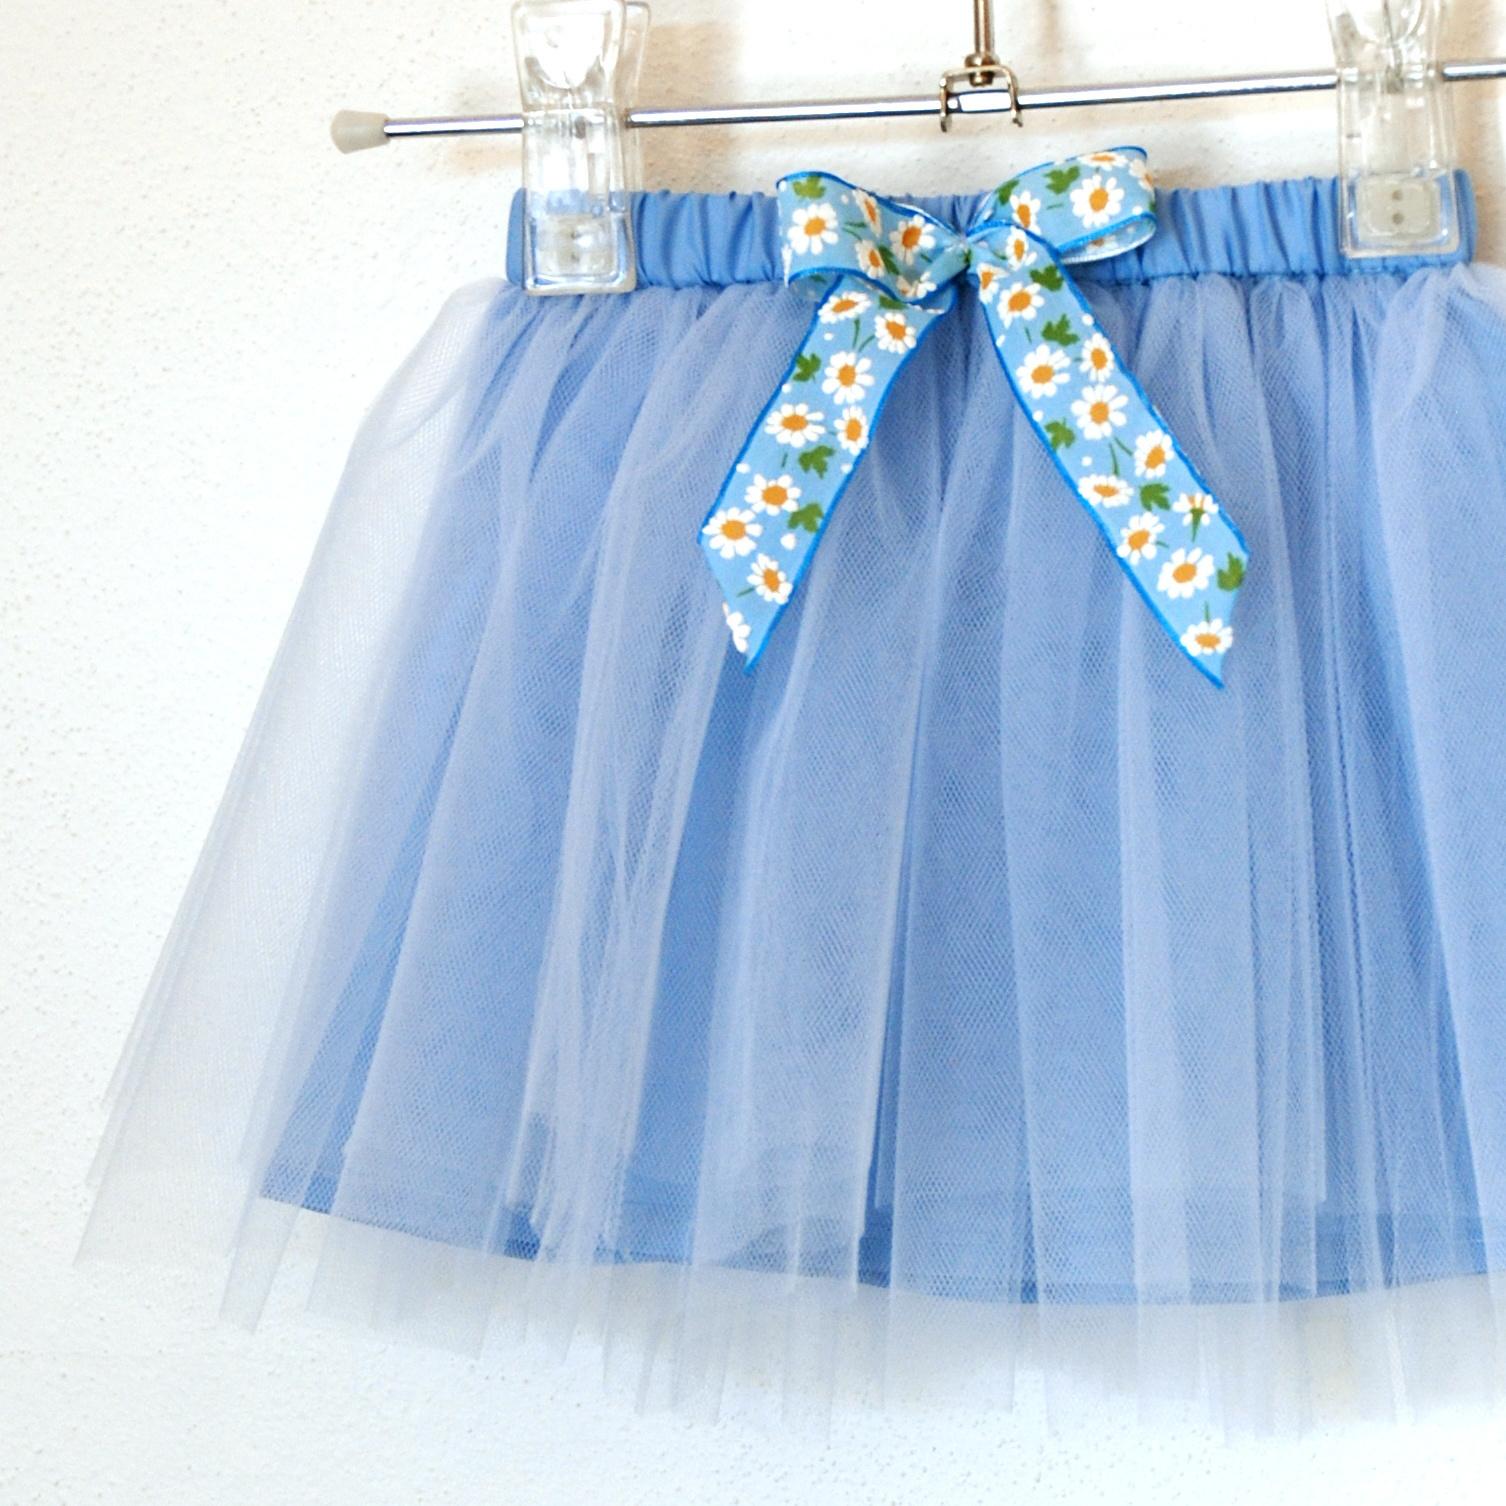 1d943e67a8a Dětská světle modrá tylová sukně s kopretinami   Zboží prodejce ...